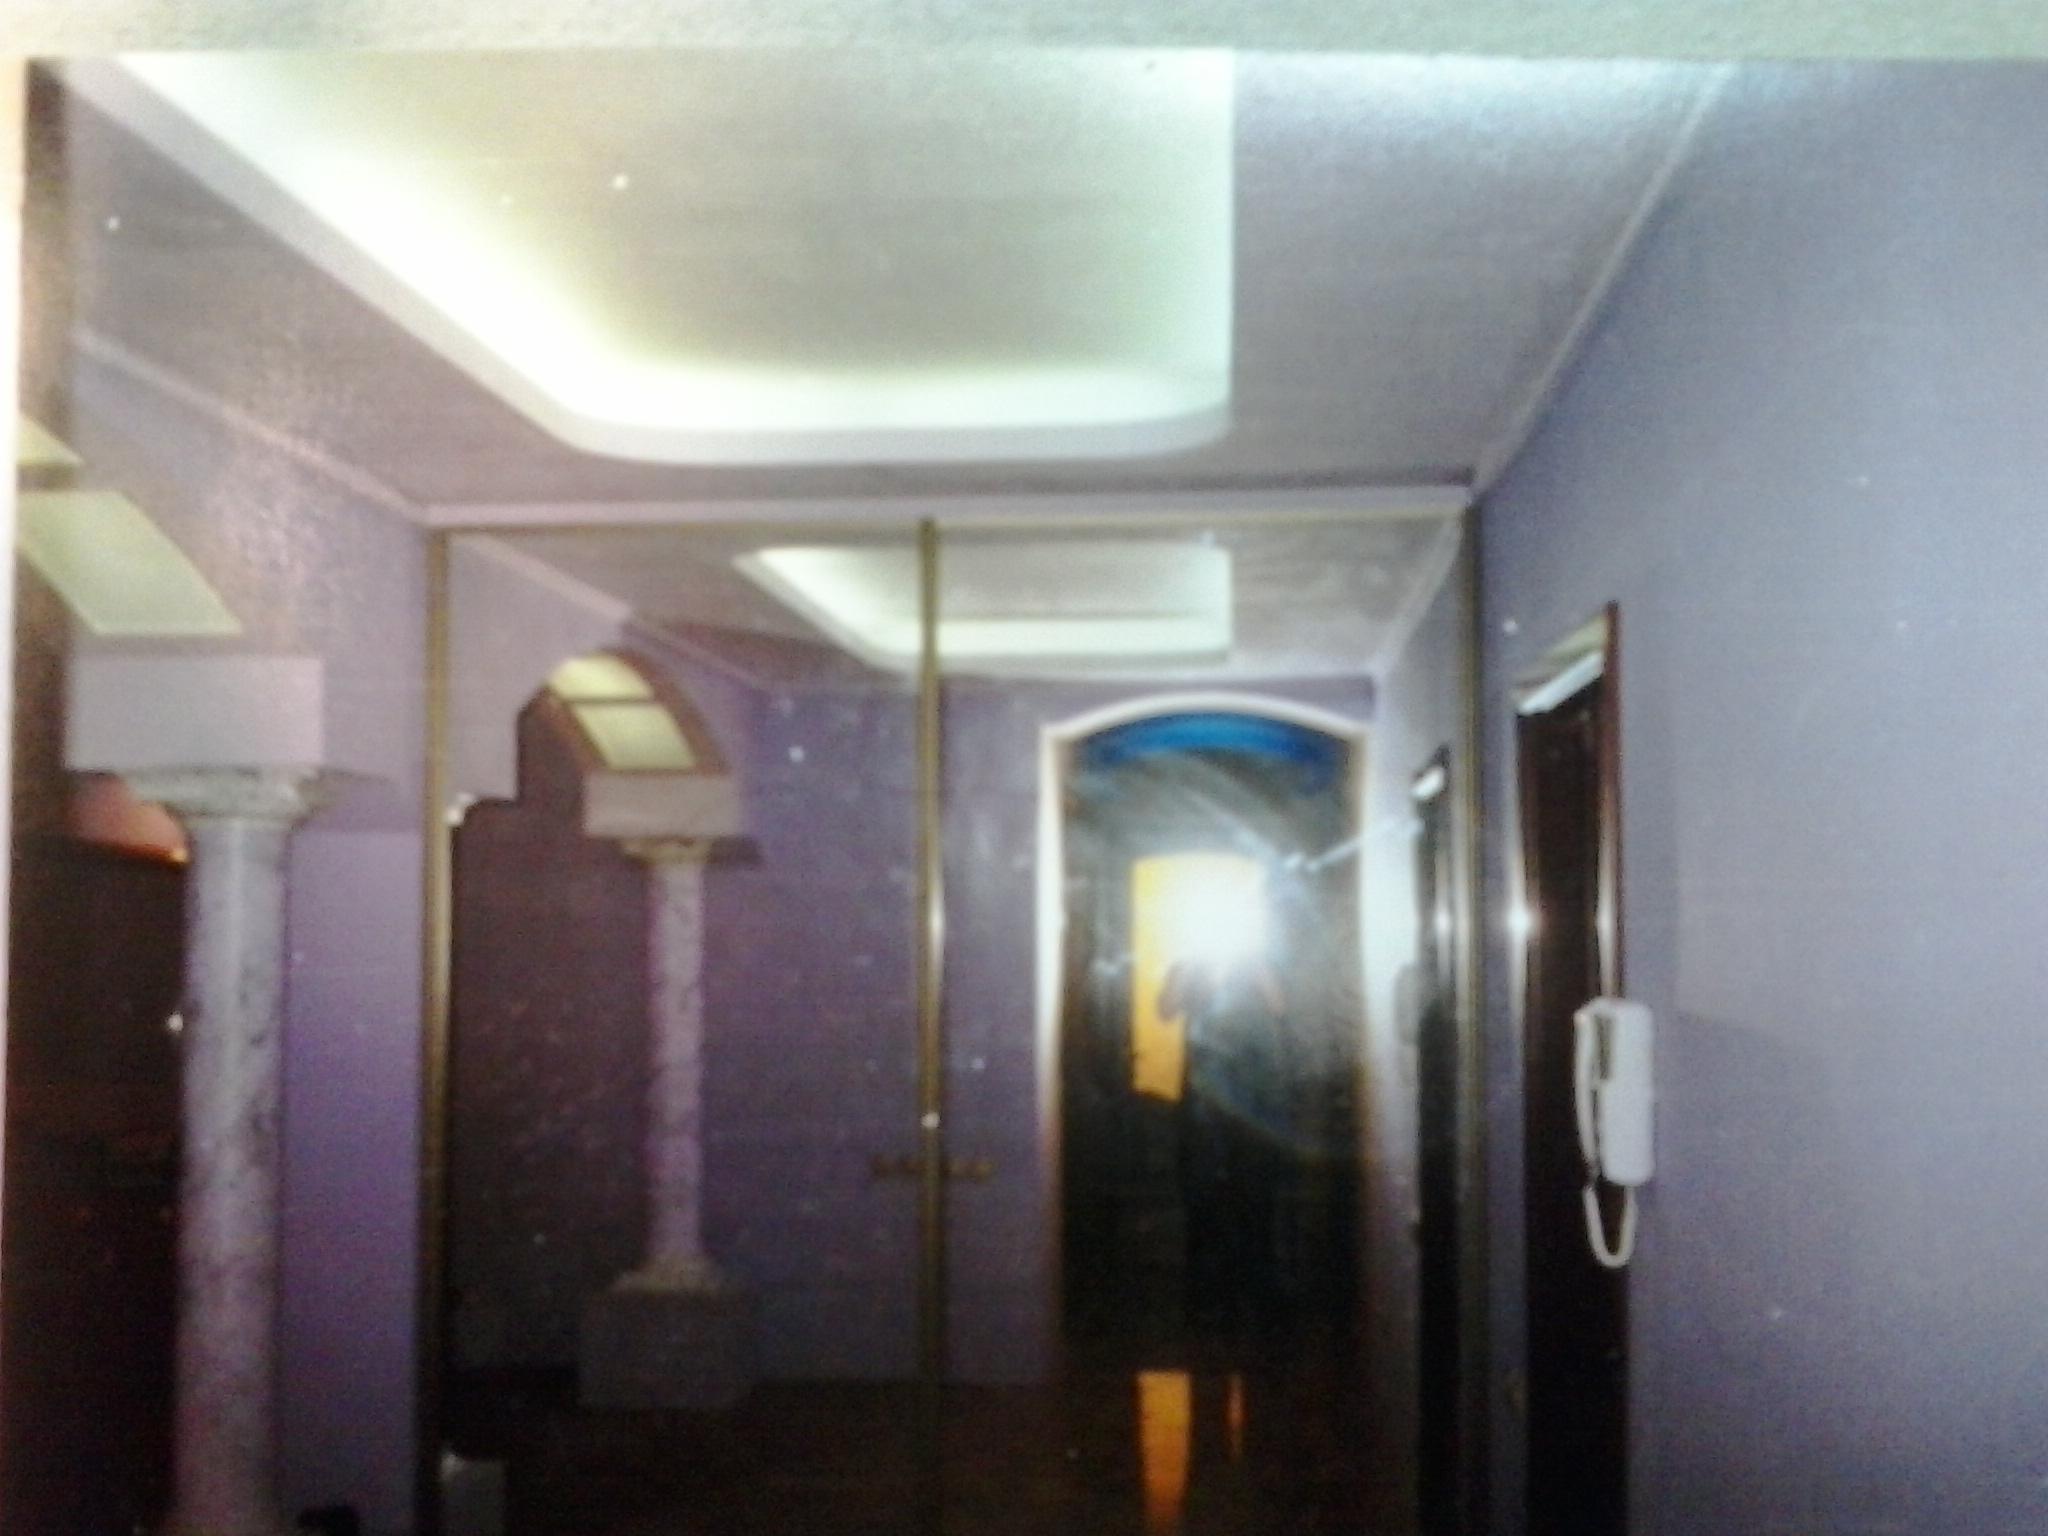 Фото Двухуровневый потолок с подсветкой люминесцентными лампами. Предварительно была осуществлена разводка для ламп. По окончании отделочных работ были установлены лампы для подсветки.